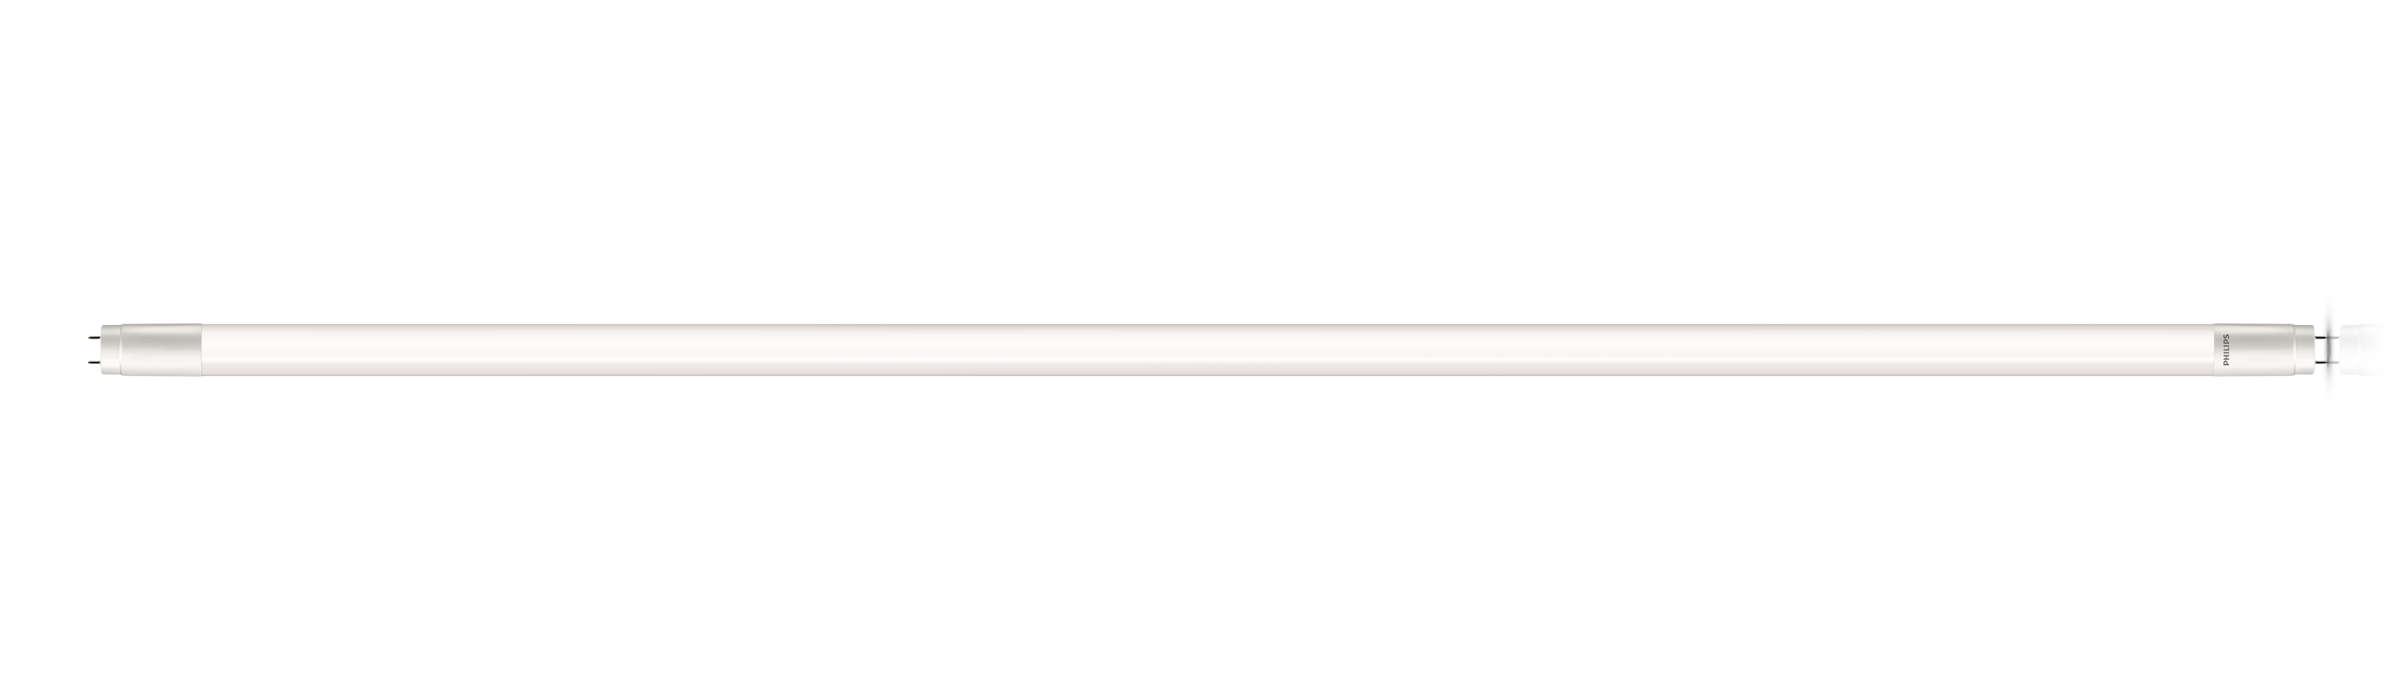 Iluminación duradera para tareas visuales, gran calidad de luz